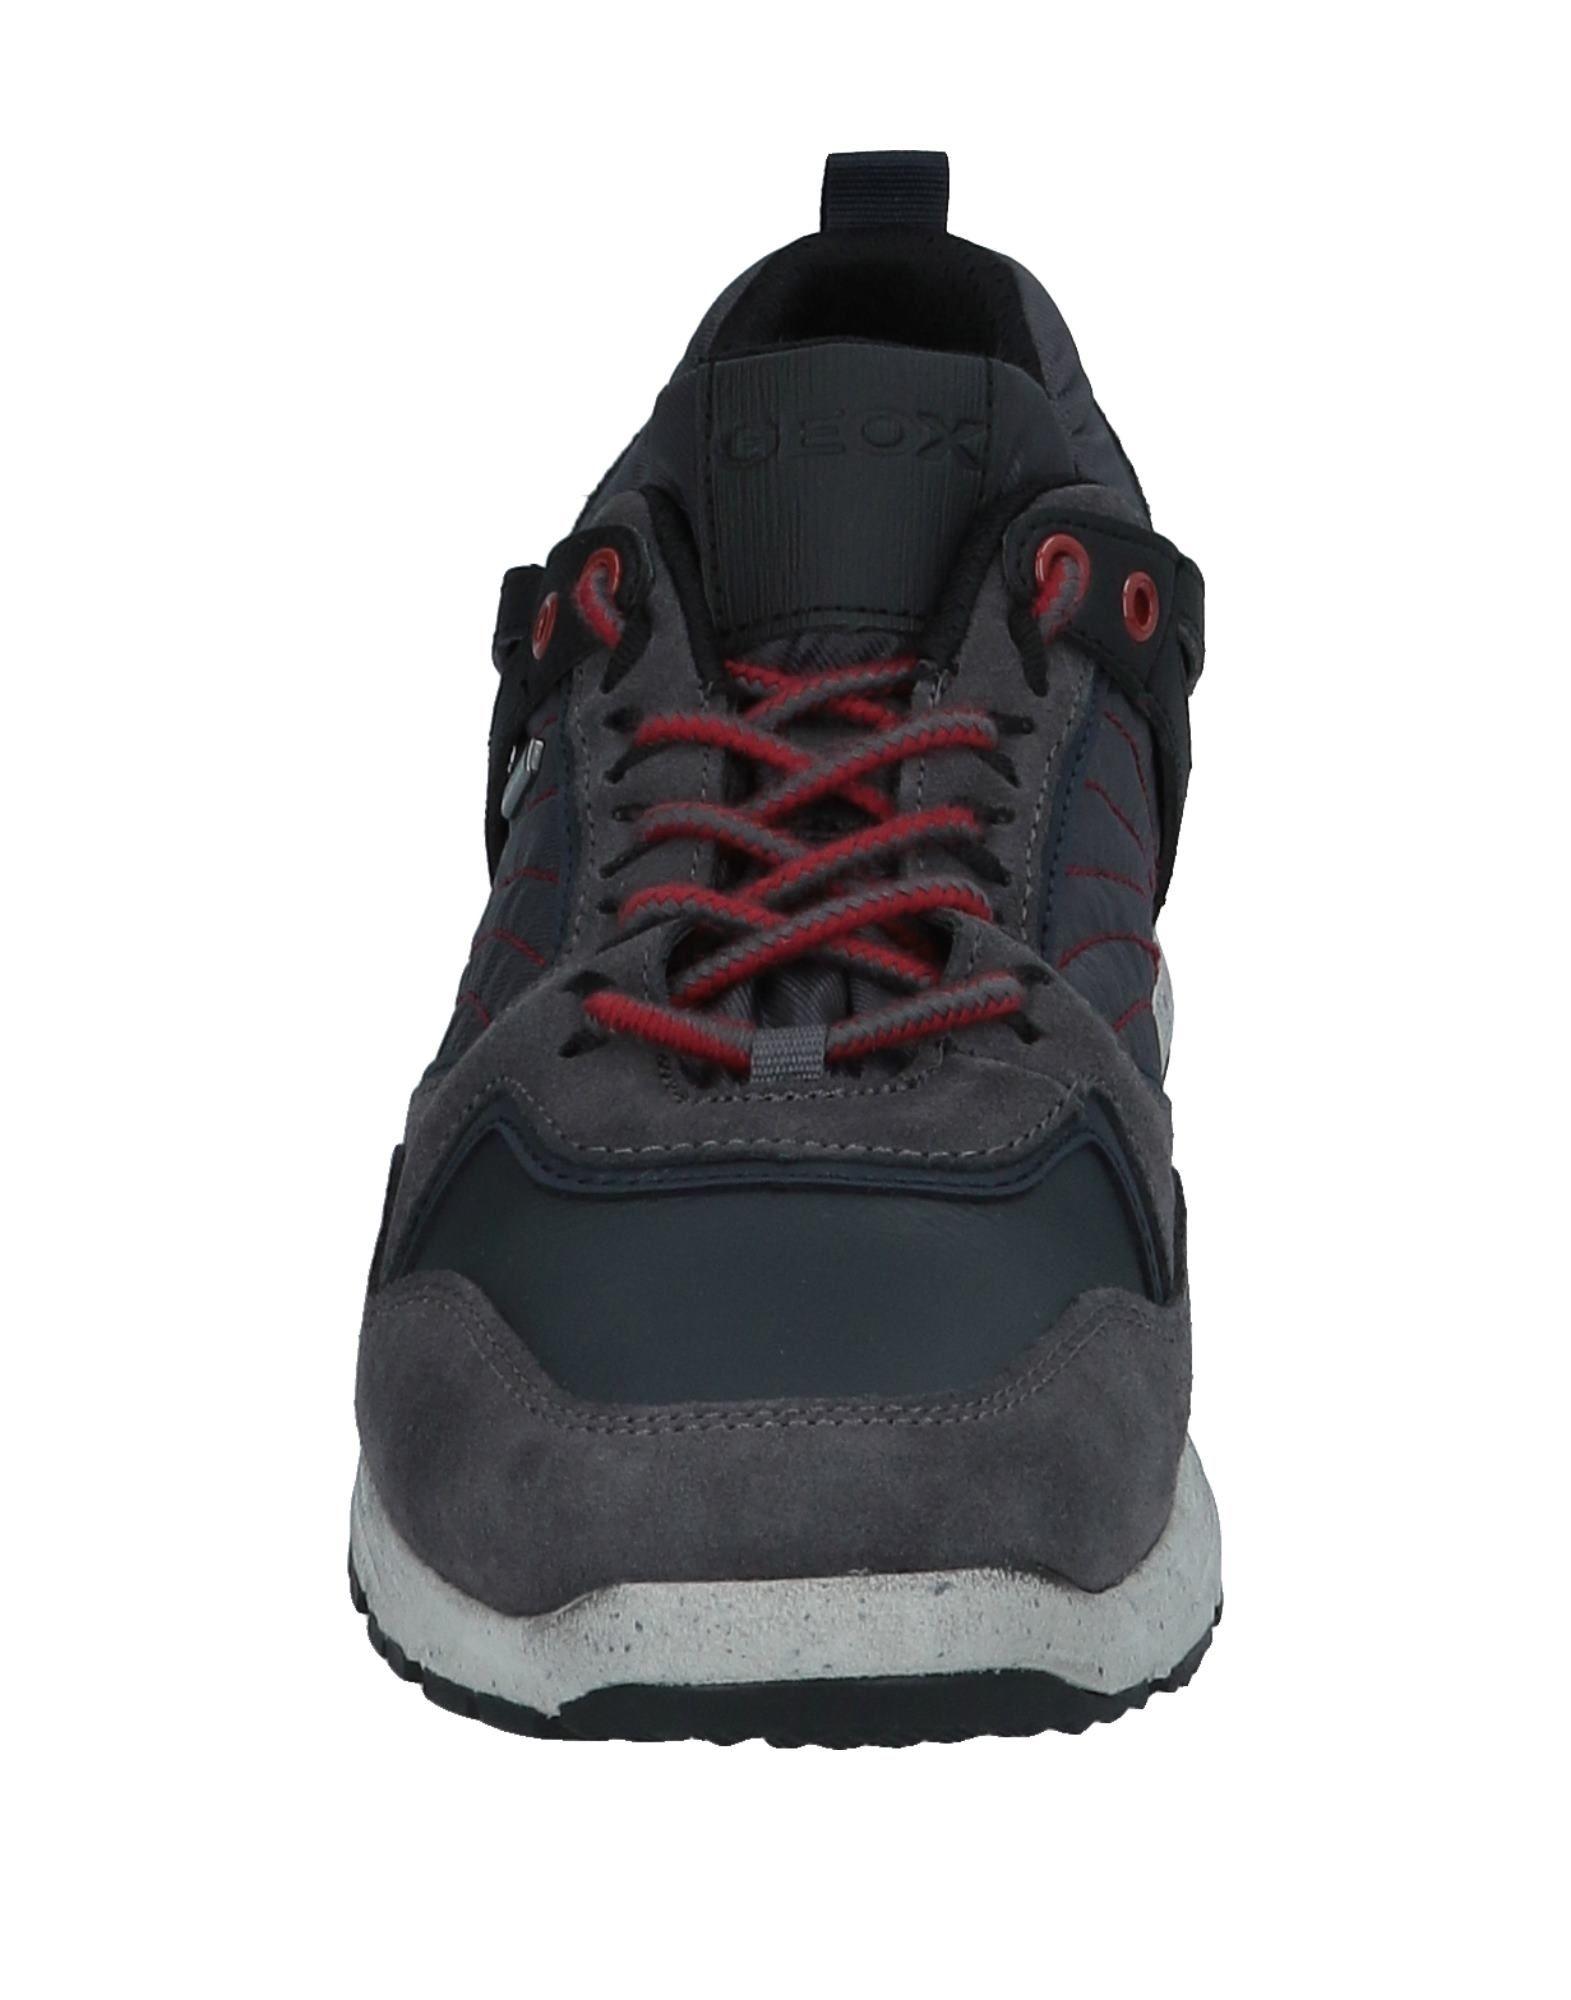 Rabatt echte Schuhe Herren Geox Sneakers Herren Schuhe  11540564GG 4dd85d